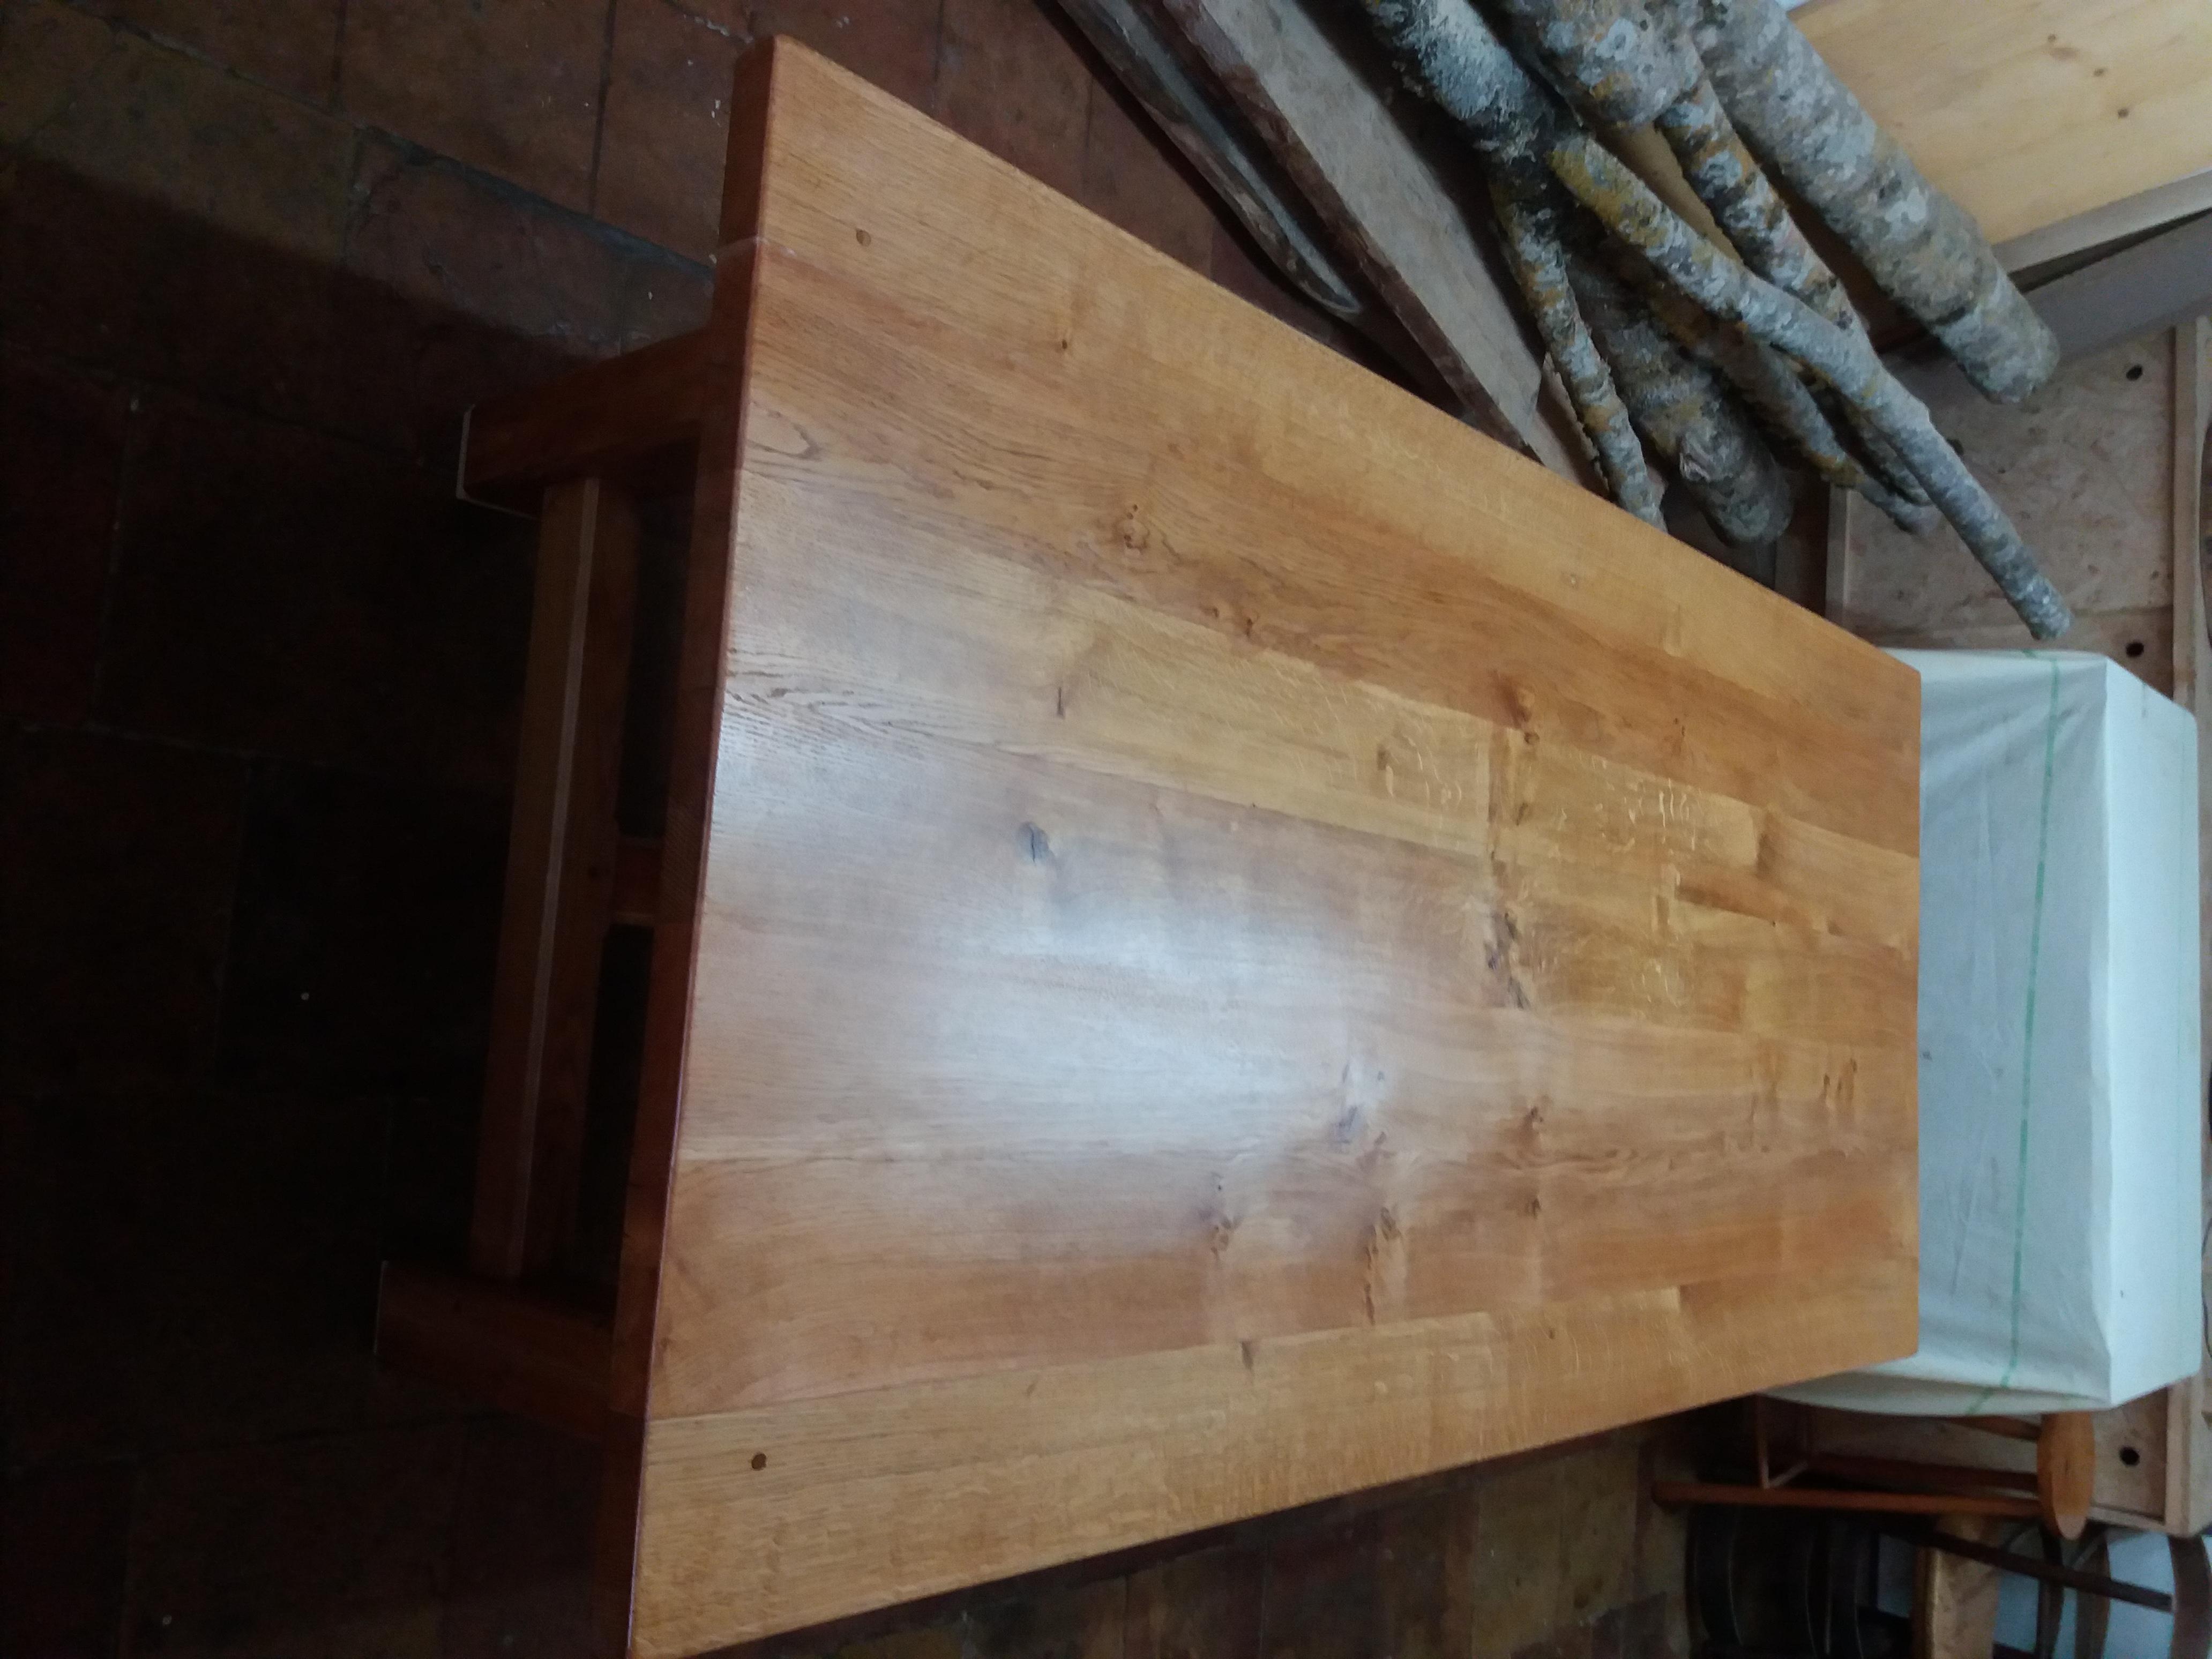 Restauration d'une table en chêne